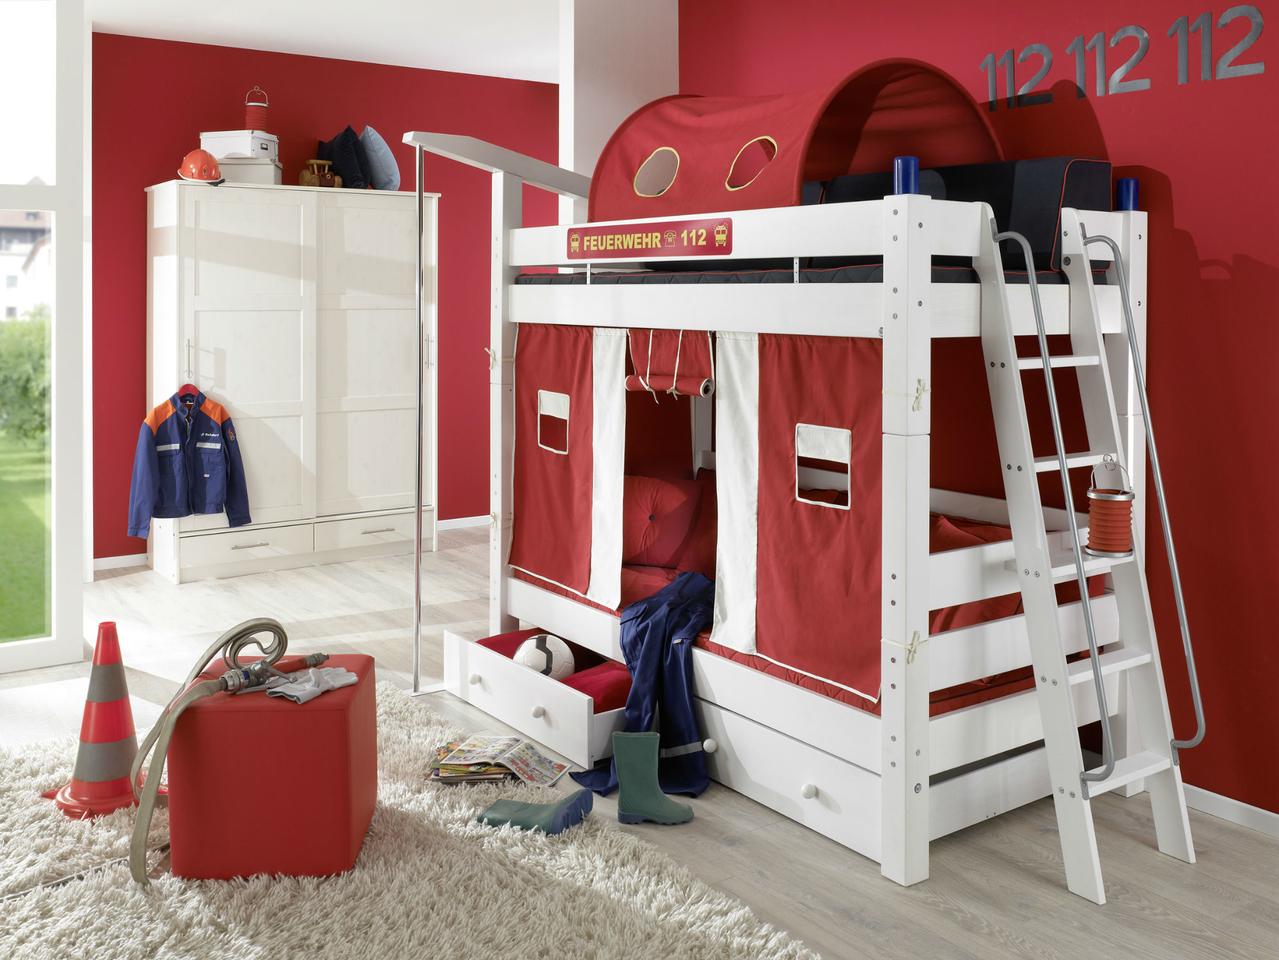 Feuerwehr Etagenbett Moby für Kinder